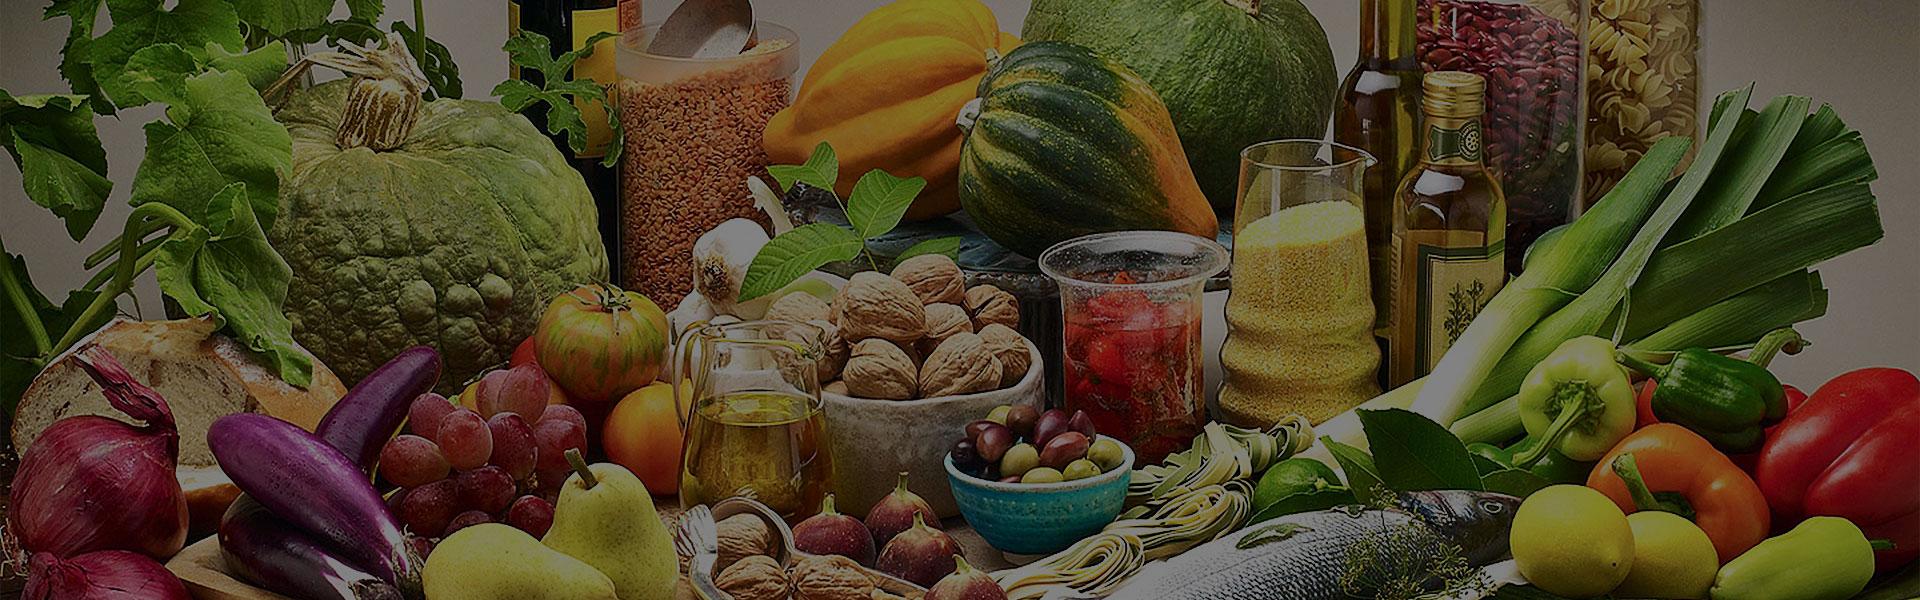 10 традиционни и изключително здравословни храни за всекидневното ни меню